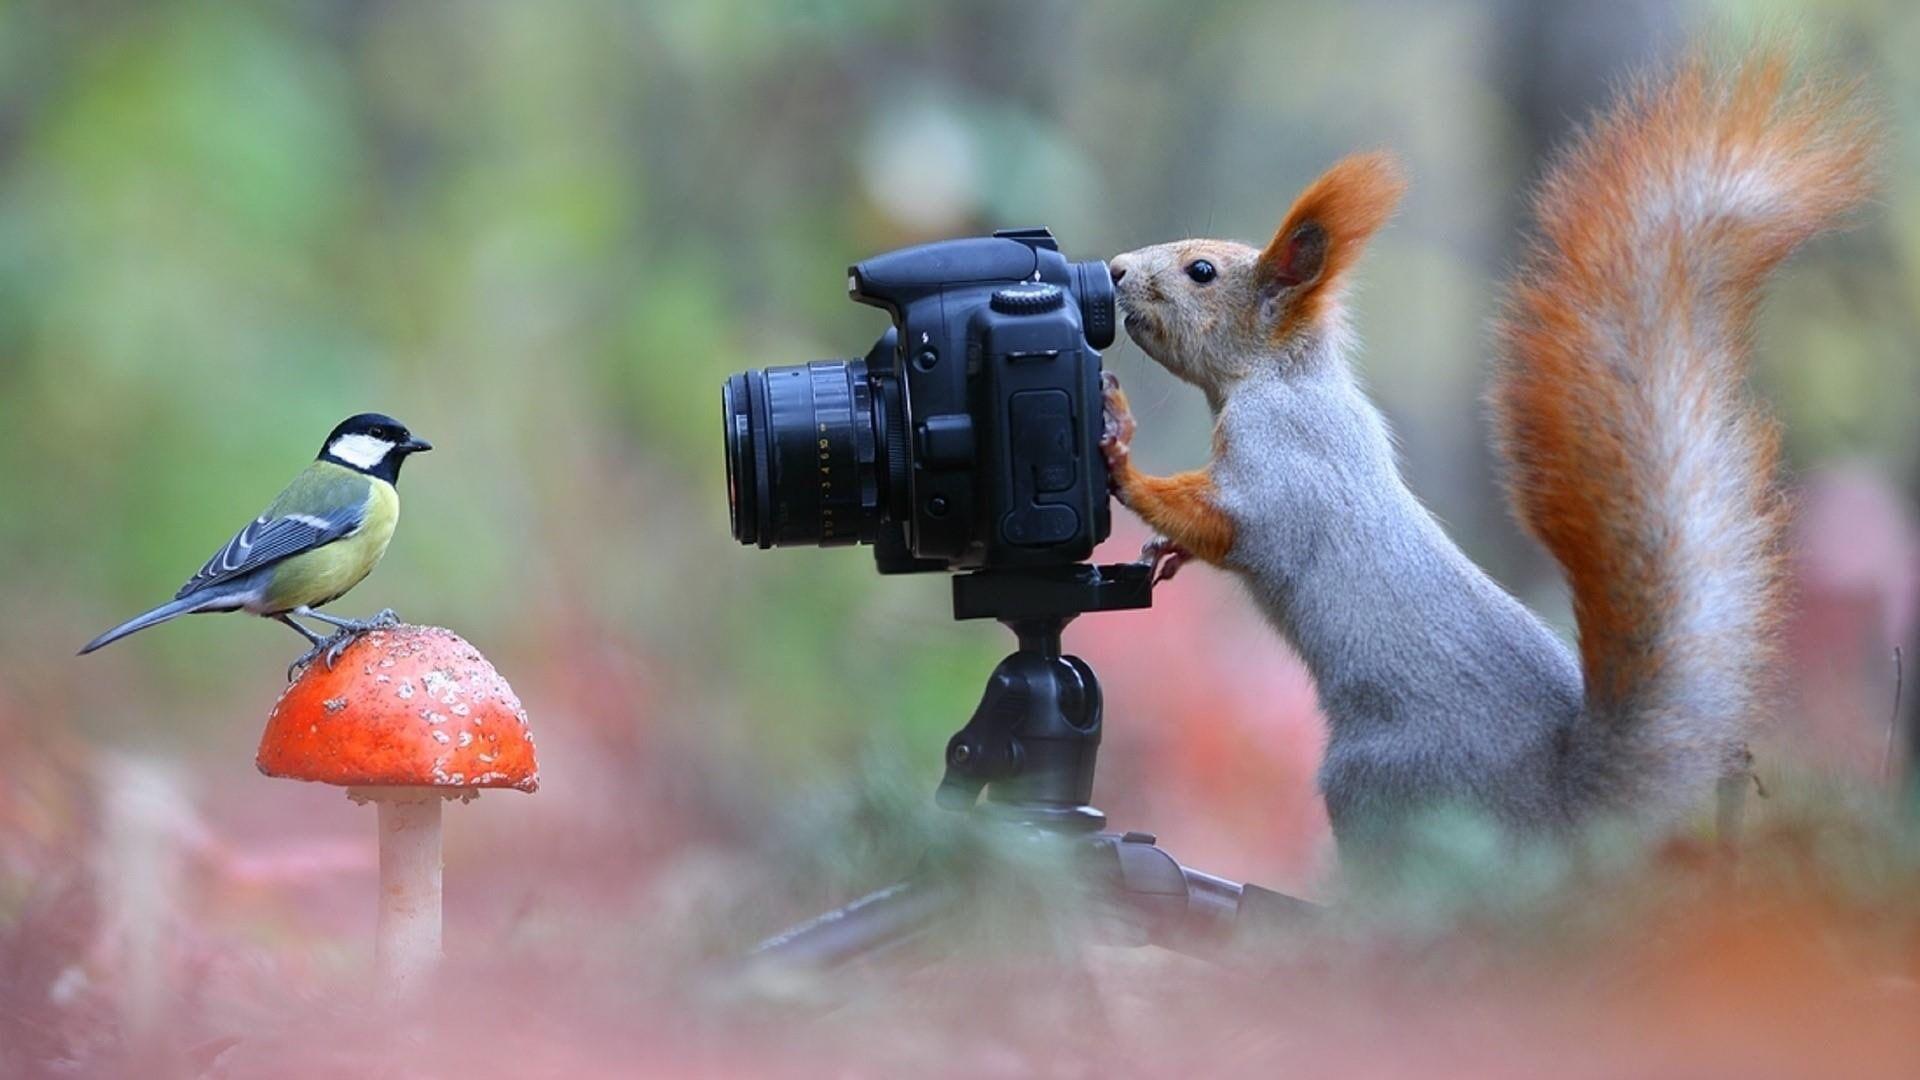 Funny Squirrel Bird Photo Mushroom Animals 1080p Wallpaper Hdwallpaper Desktop Animals Animal Wallpaper Cute Animals